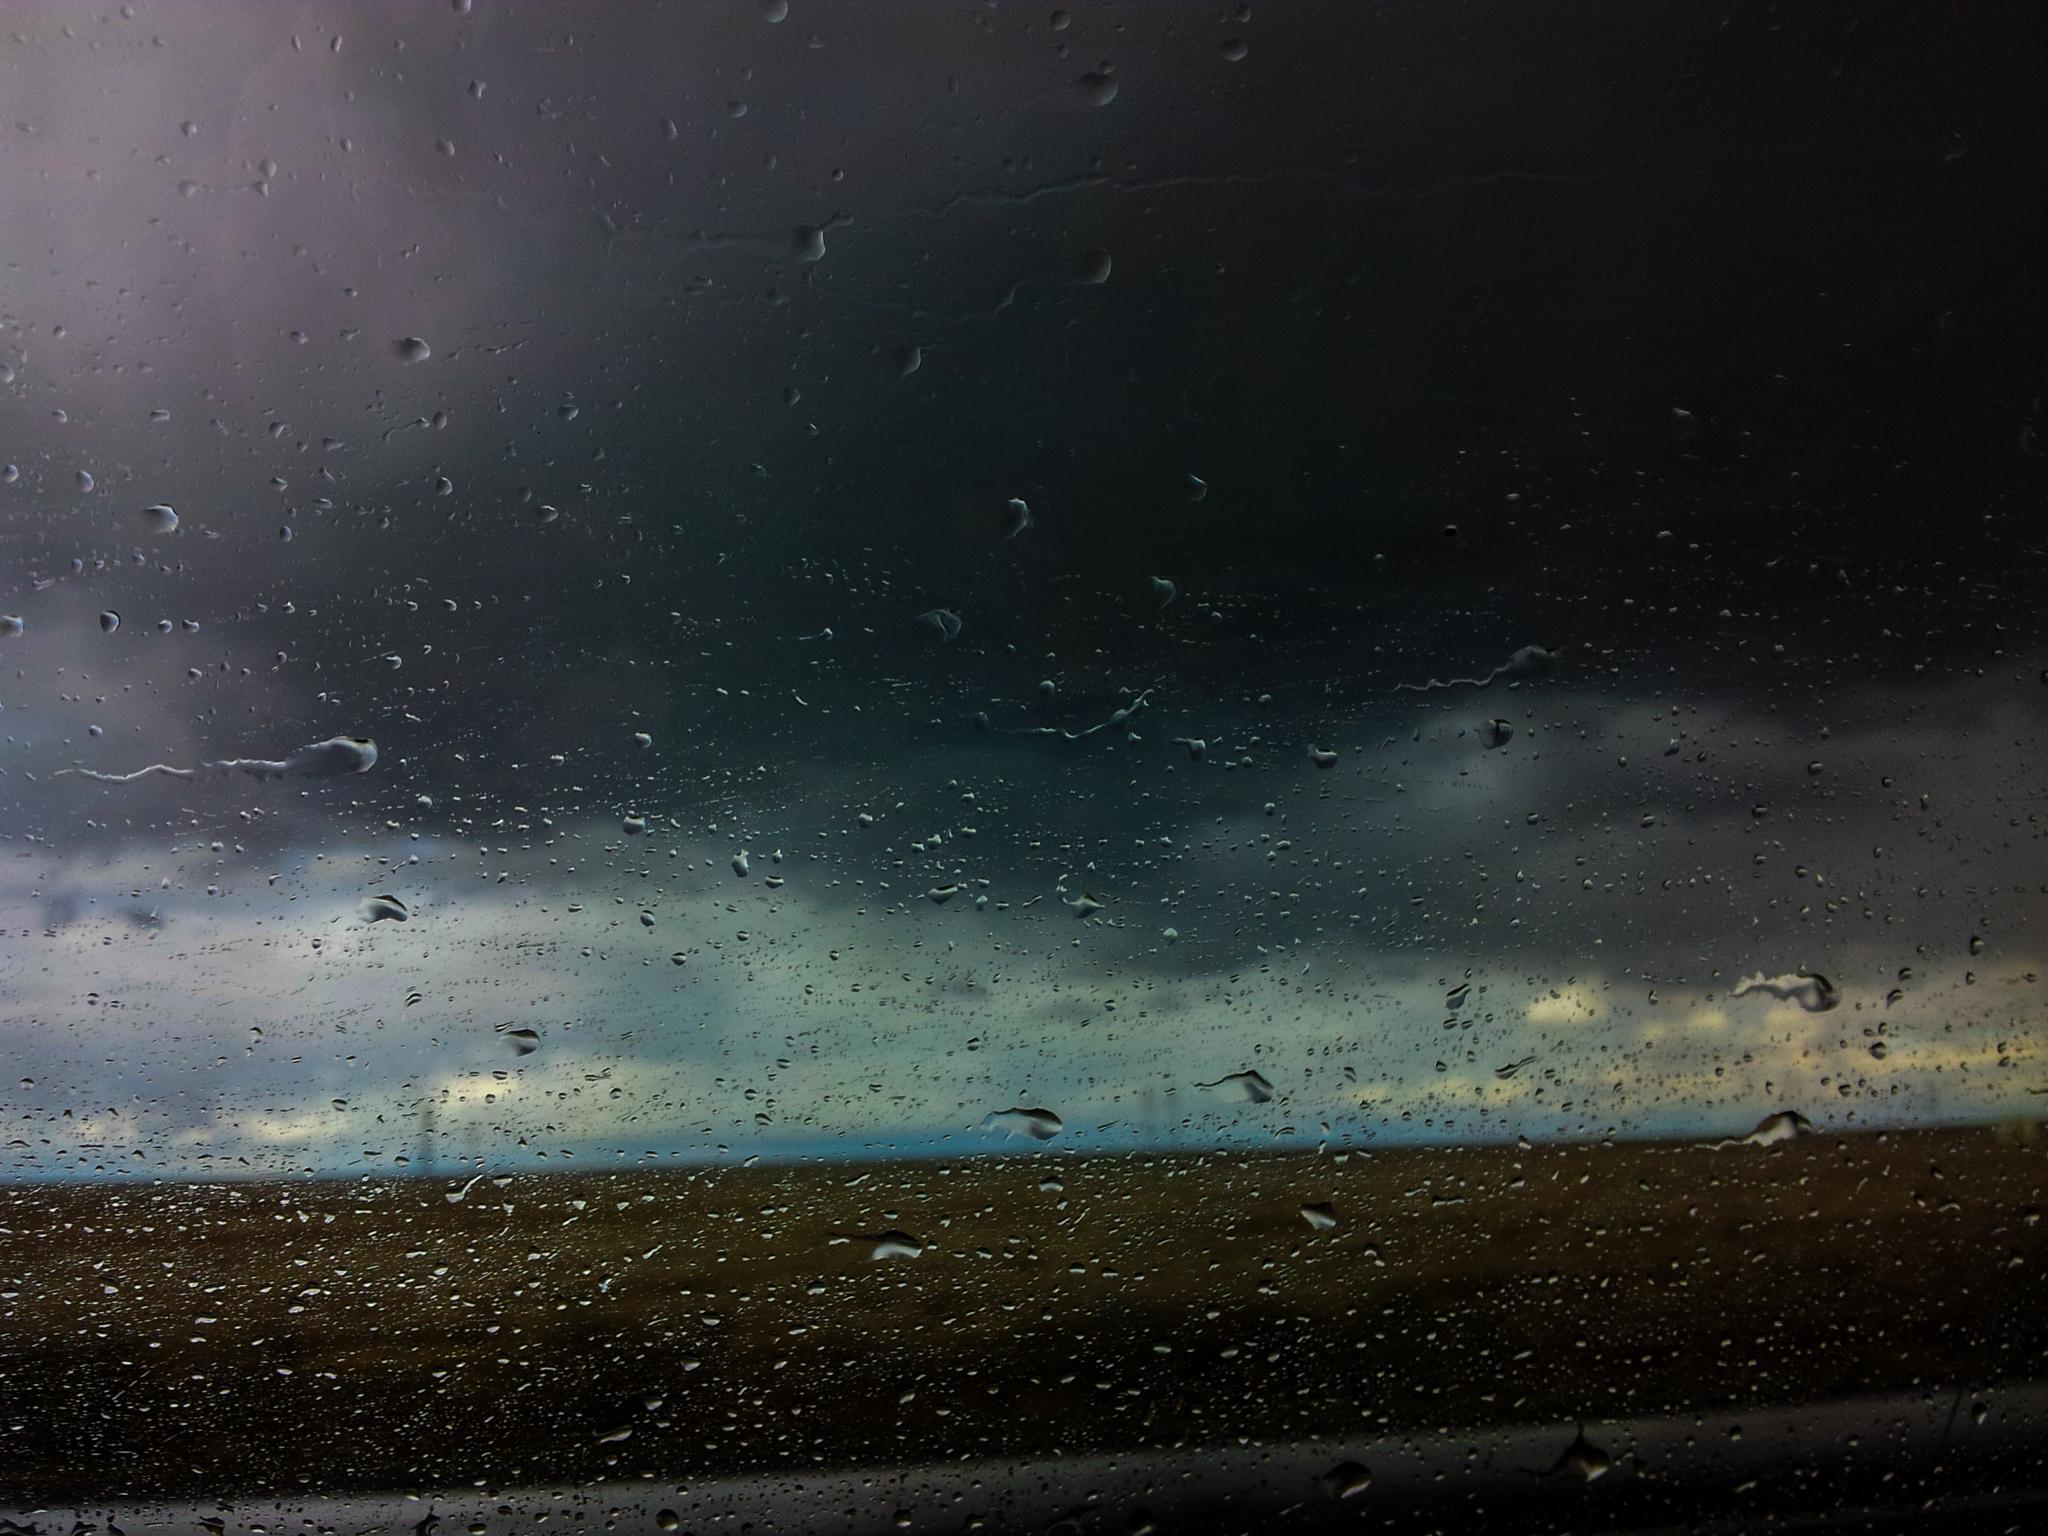 Rain drops at 80mph by MikeB28